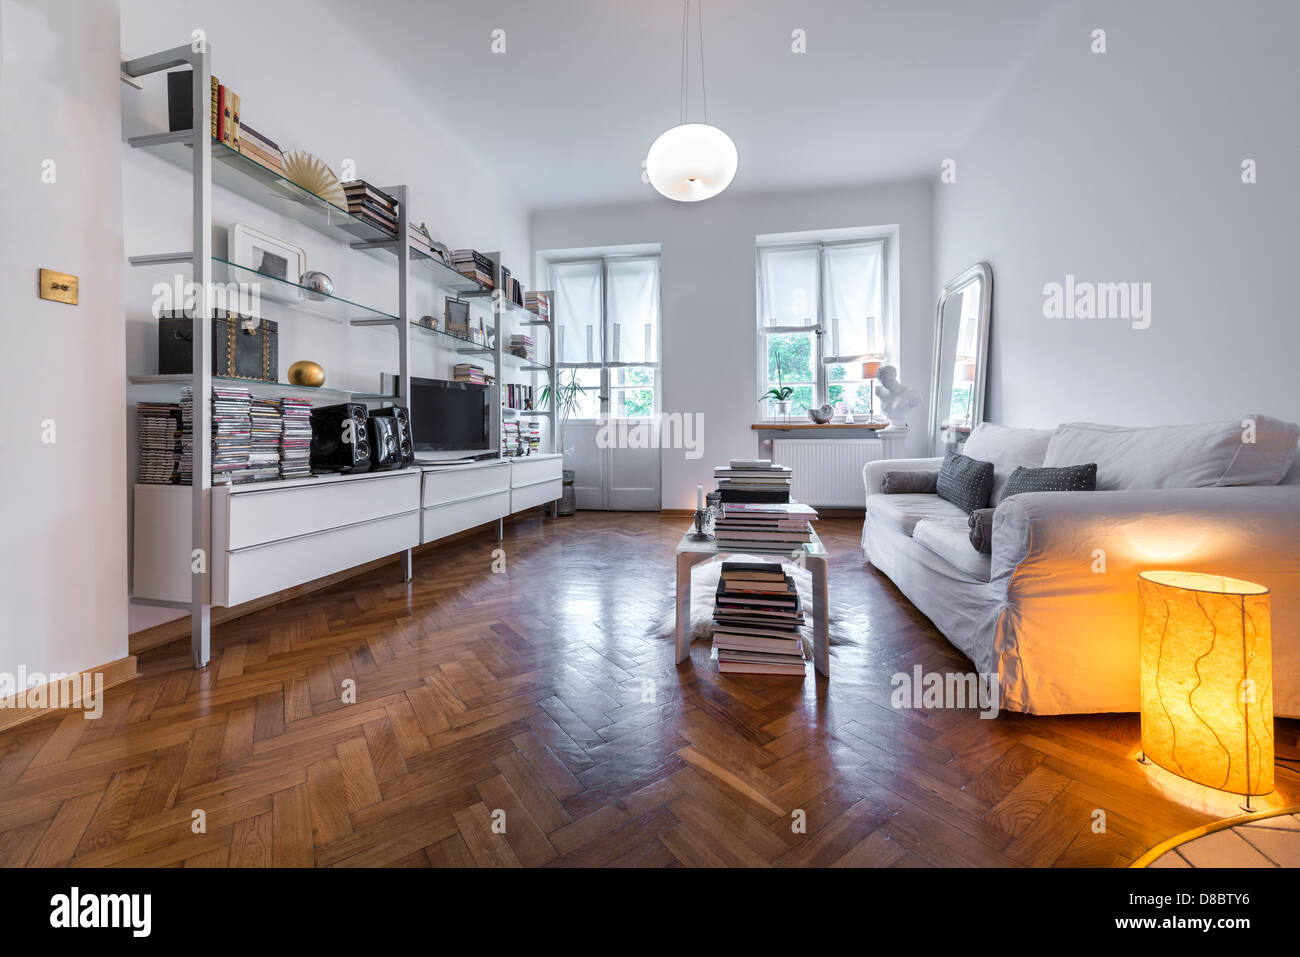 Klassische Post Moderne Innenarchitektur In Weißen Farben Stockfoto